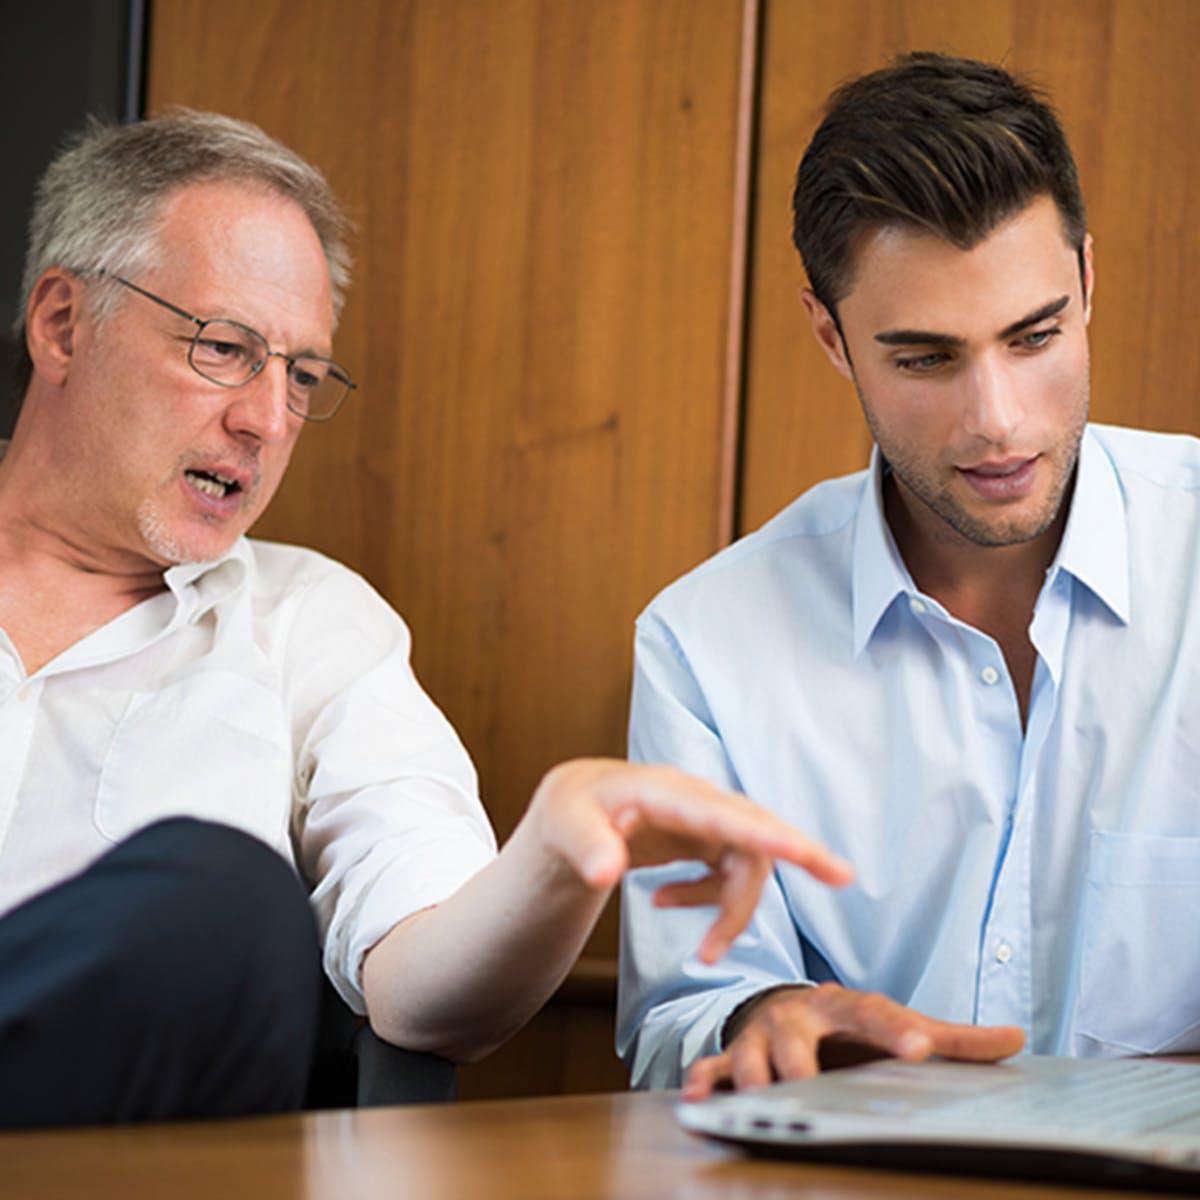 Governança: Conceitos e aplicações nas empresas de controle familiar